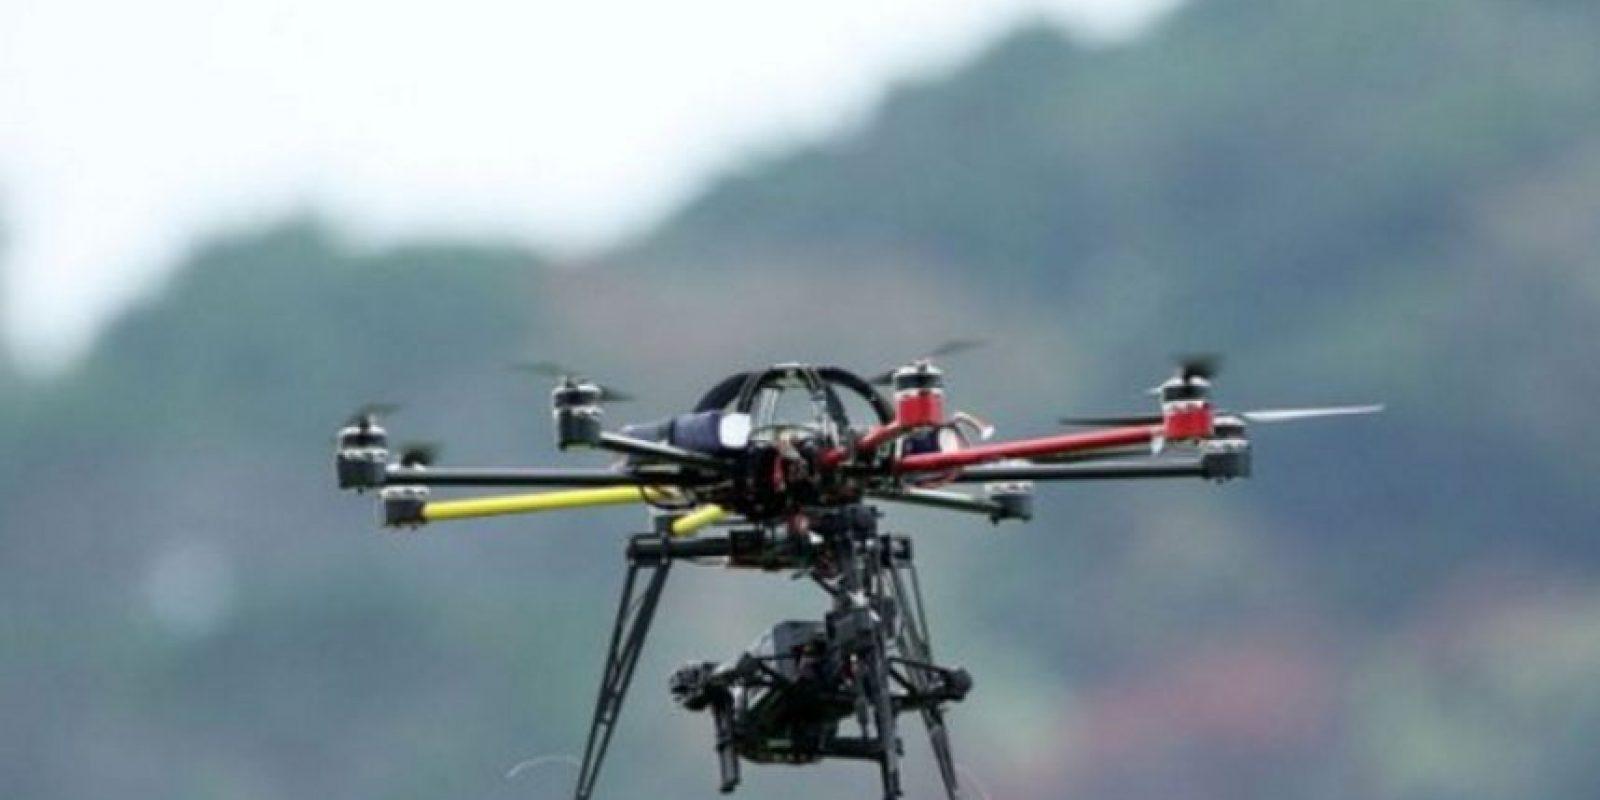 Los narcos han decidido implementar esta tecnología para facilitar su trabajo. Debido a sus dimensiones, las aeronaves no tripuladas pueden escapar a a los controles convencionales como radares. Foto:Getty Images